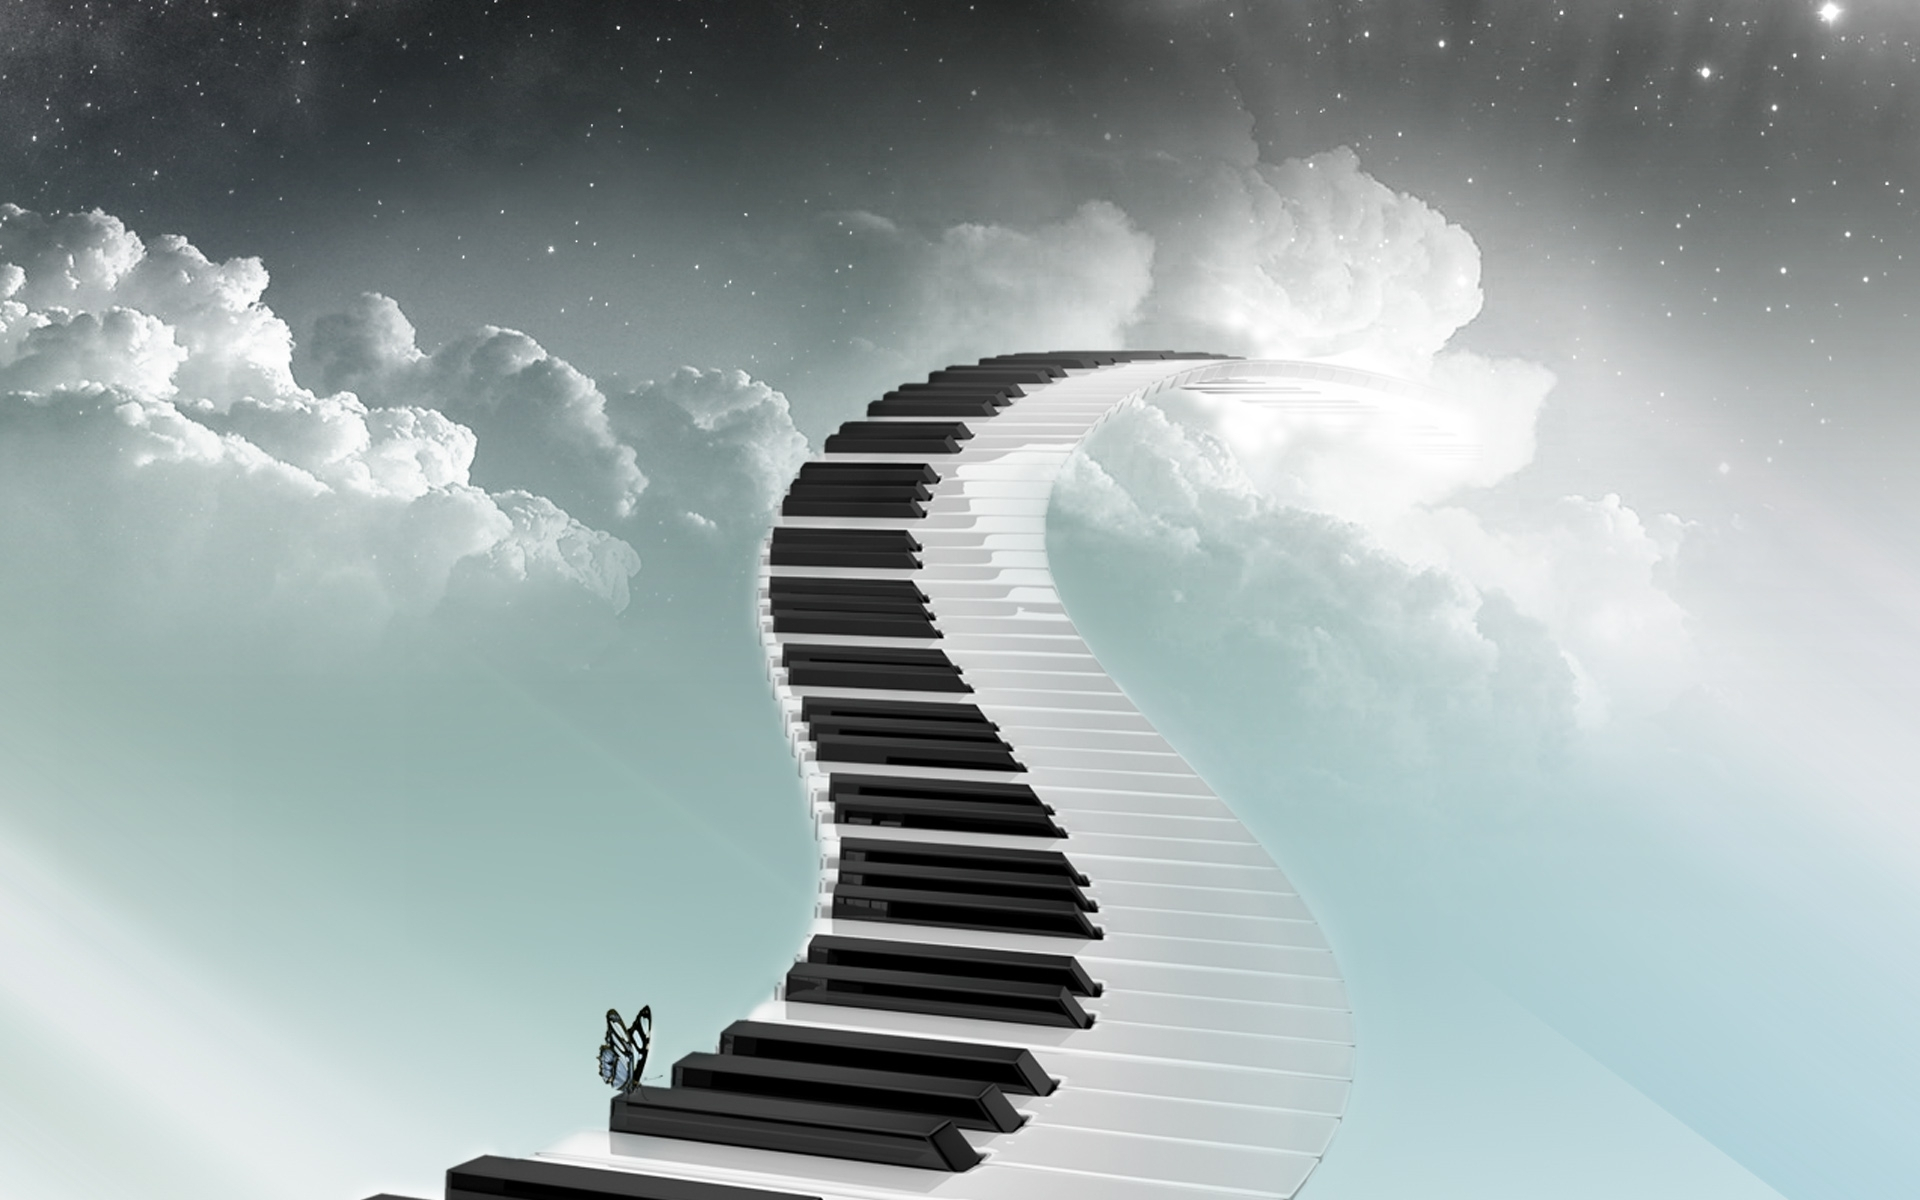 Diễn tập tinh thần là chơi nhạc bằng cách tưởng tượng trong đầu. Đơn giản vậy thôi.